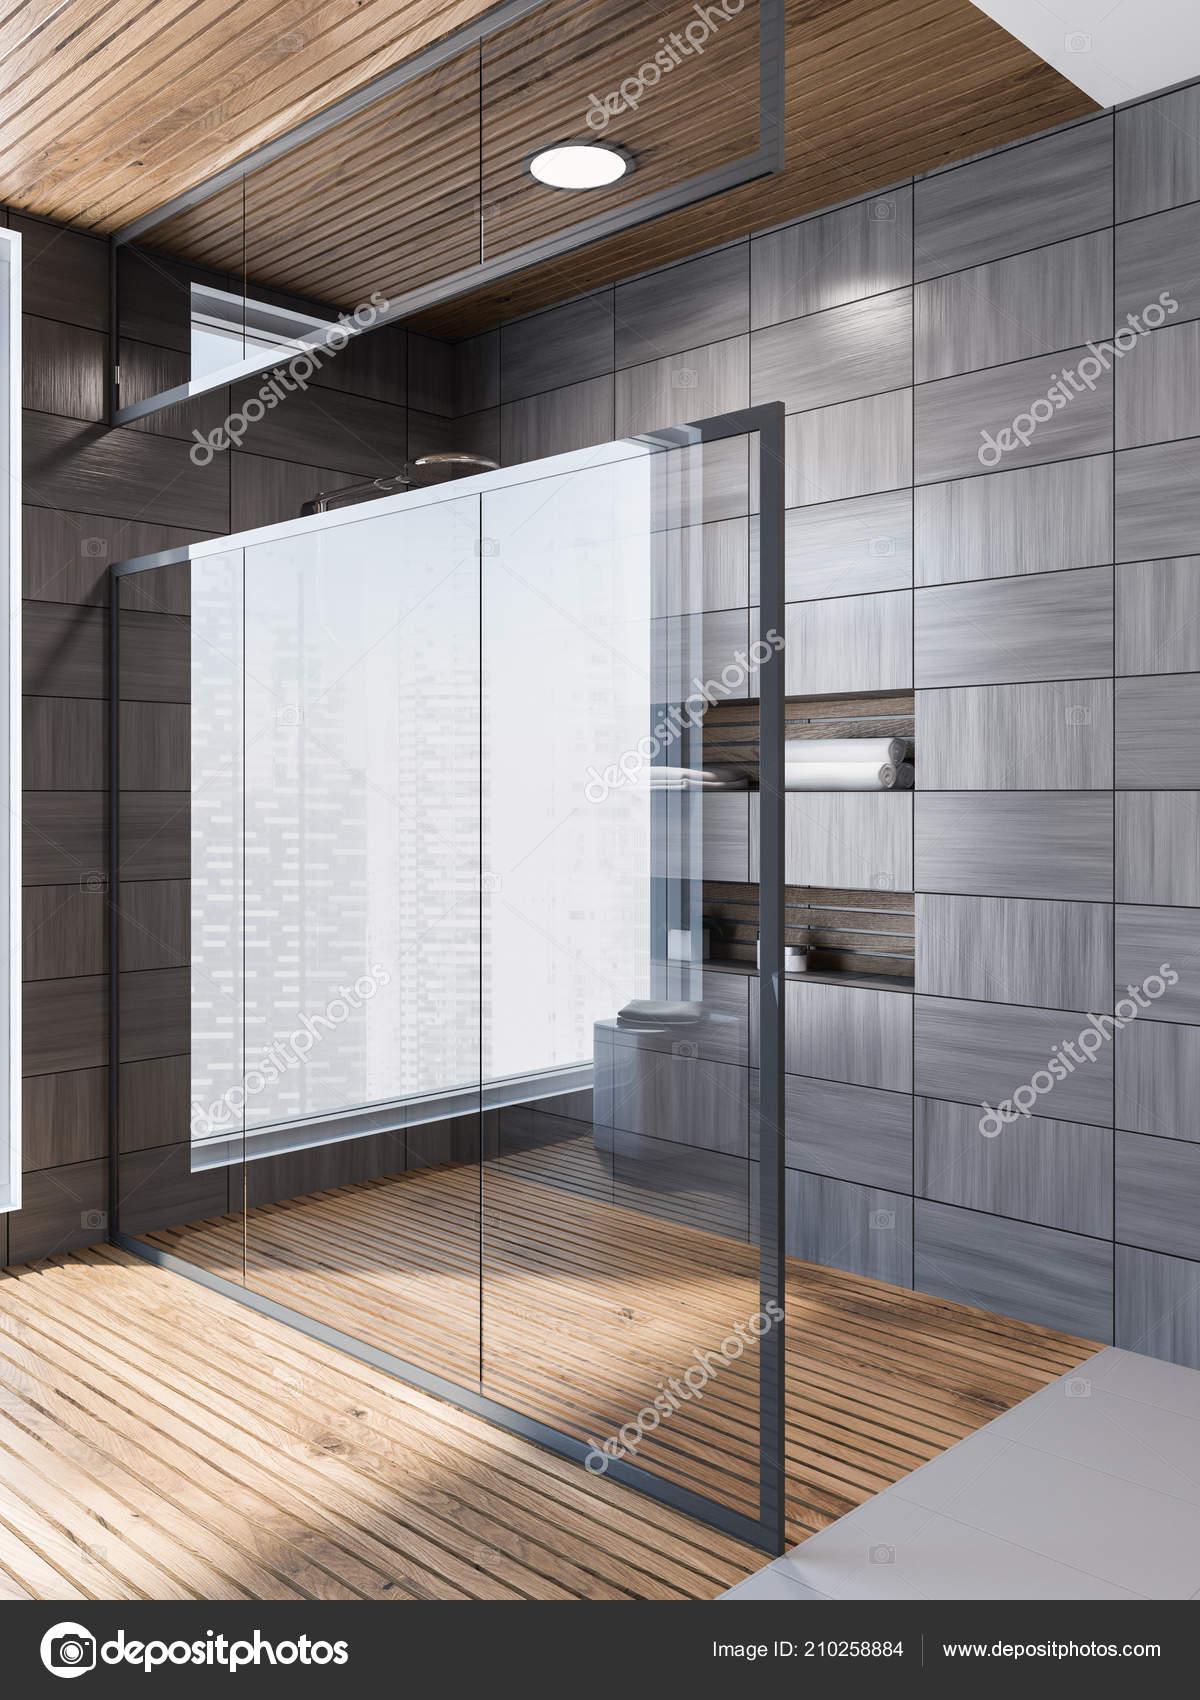 Moderno grigio legno piastrella parete bagno interno con pavimento grigio foto stock - Pavimento bagno moderno ...